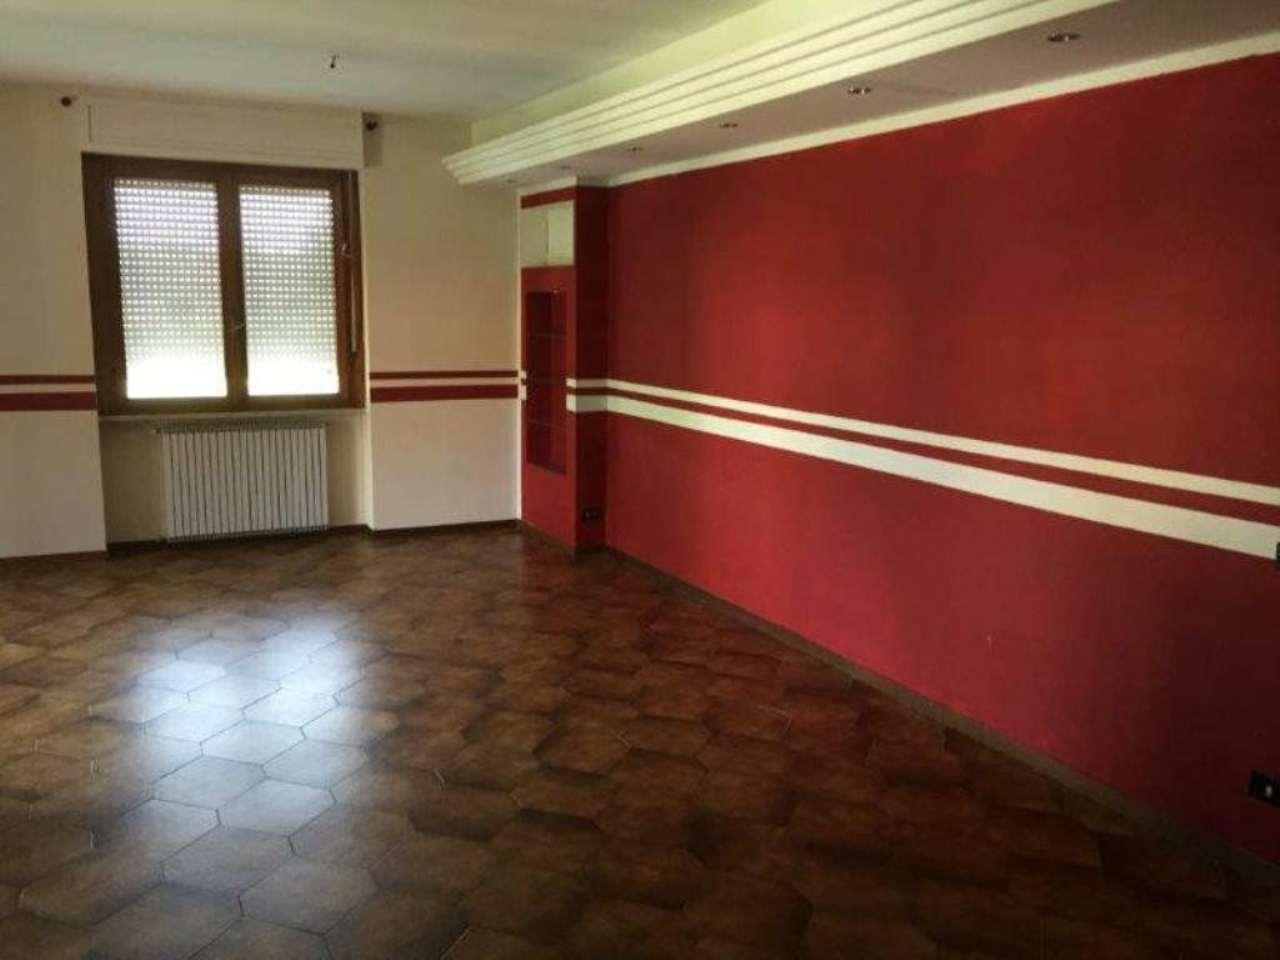 Appartamento in vendita a Credera Rubbiano, 3 locali, prezzo € 75.000 | Cambio Casa.it